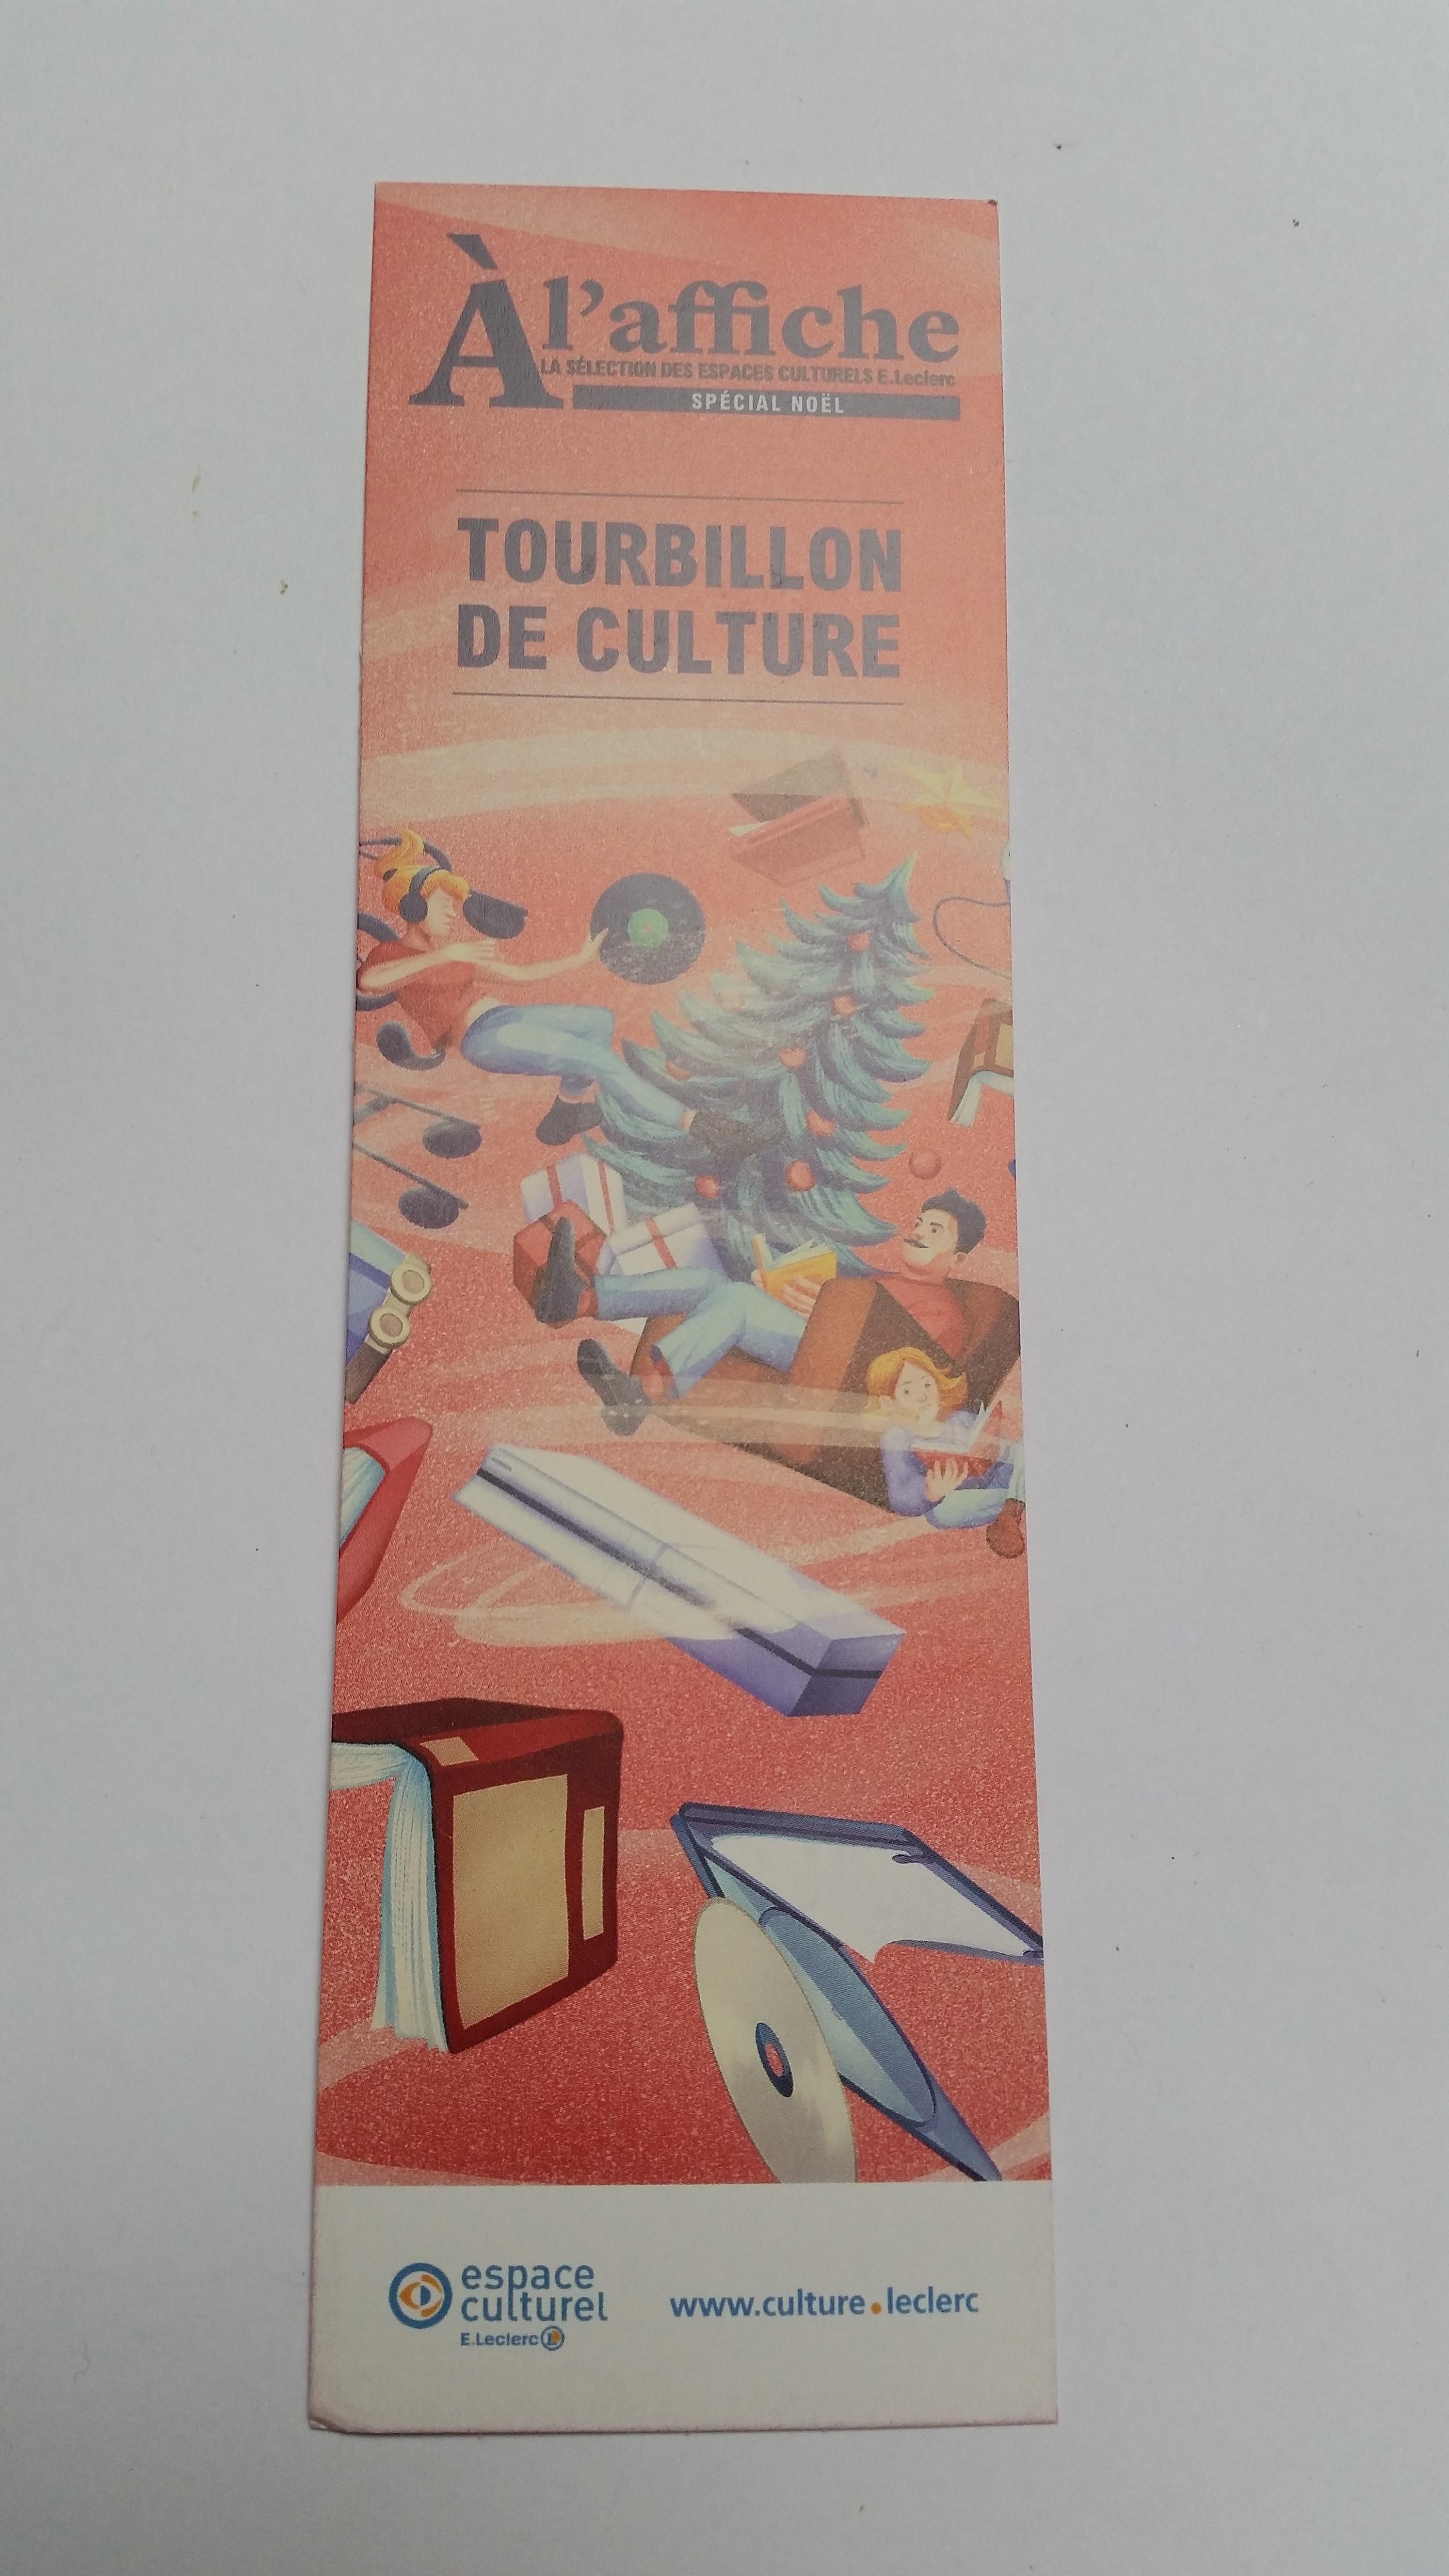 troc de troc #réservémarque page image 0